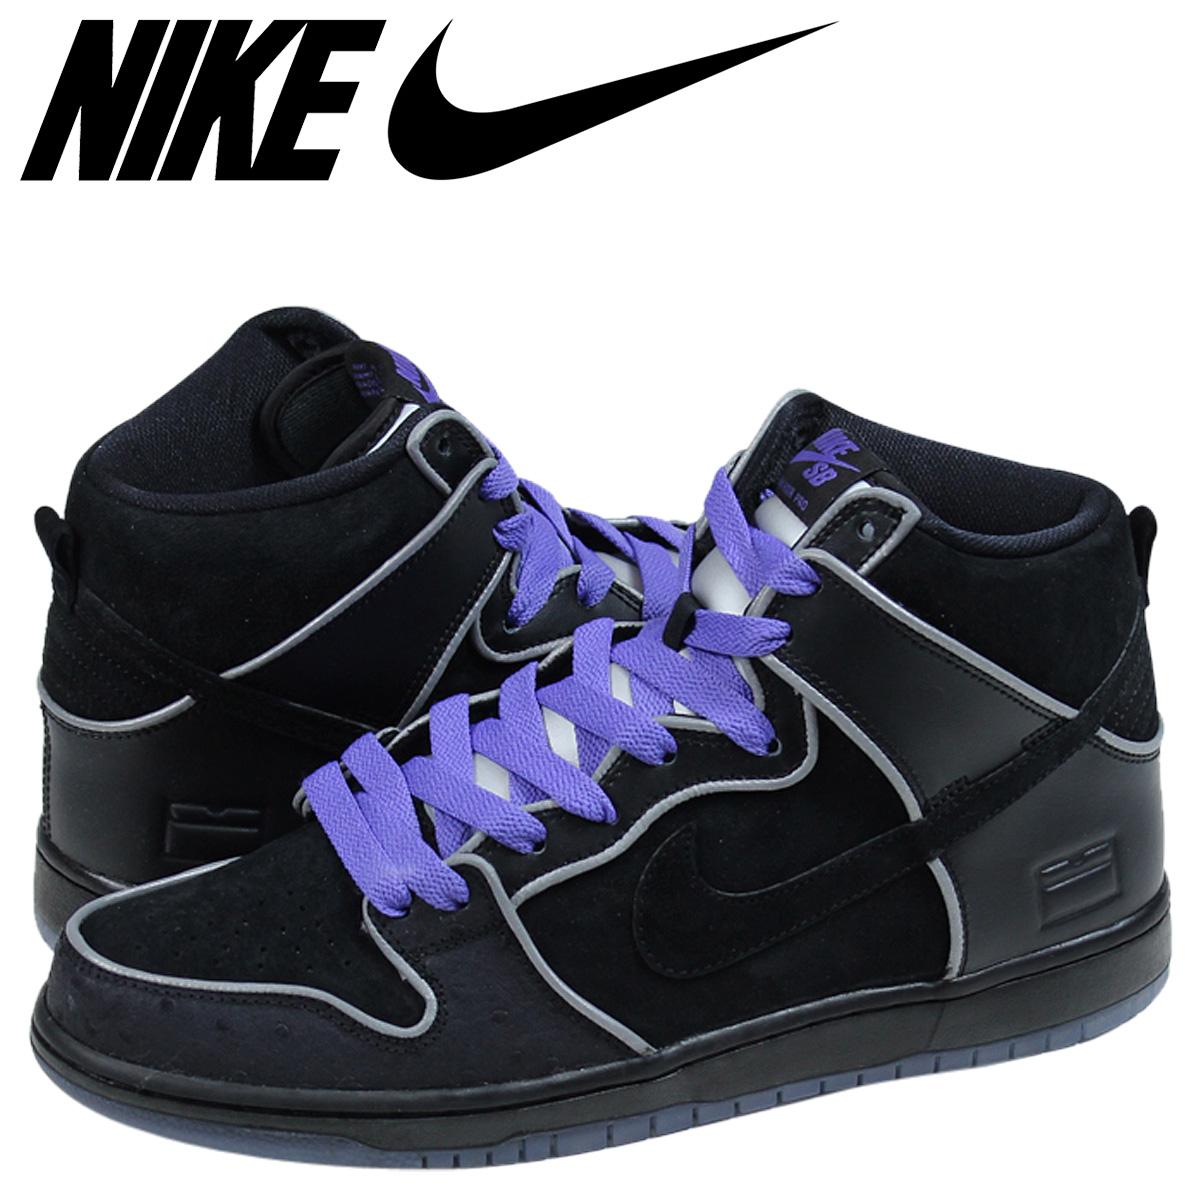 ALLSPORTS  NIKE SB Nike dunk sneakers men DUNK HIGH ELITE BLACK BOX ... 01896dbc6e4c